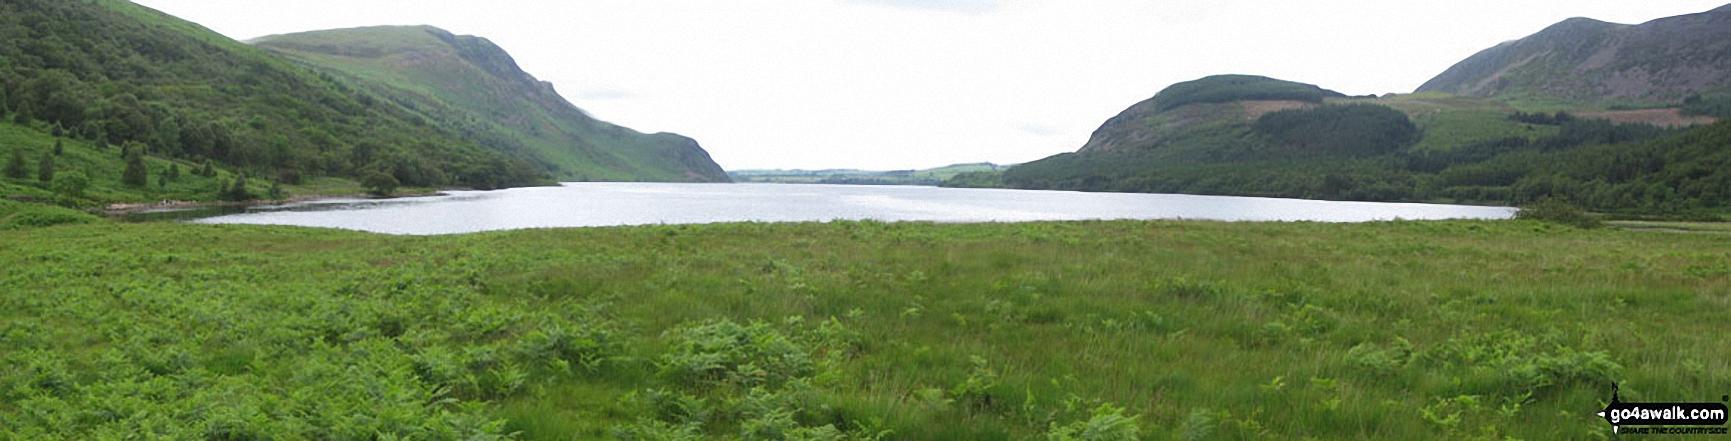 *Angler's Crag across Ennerdale Water